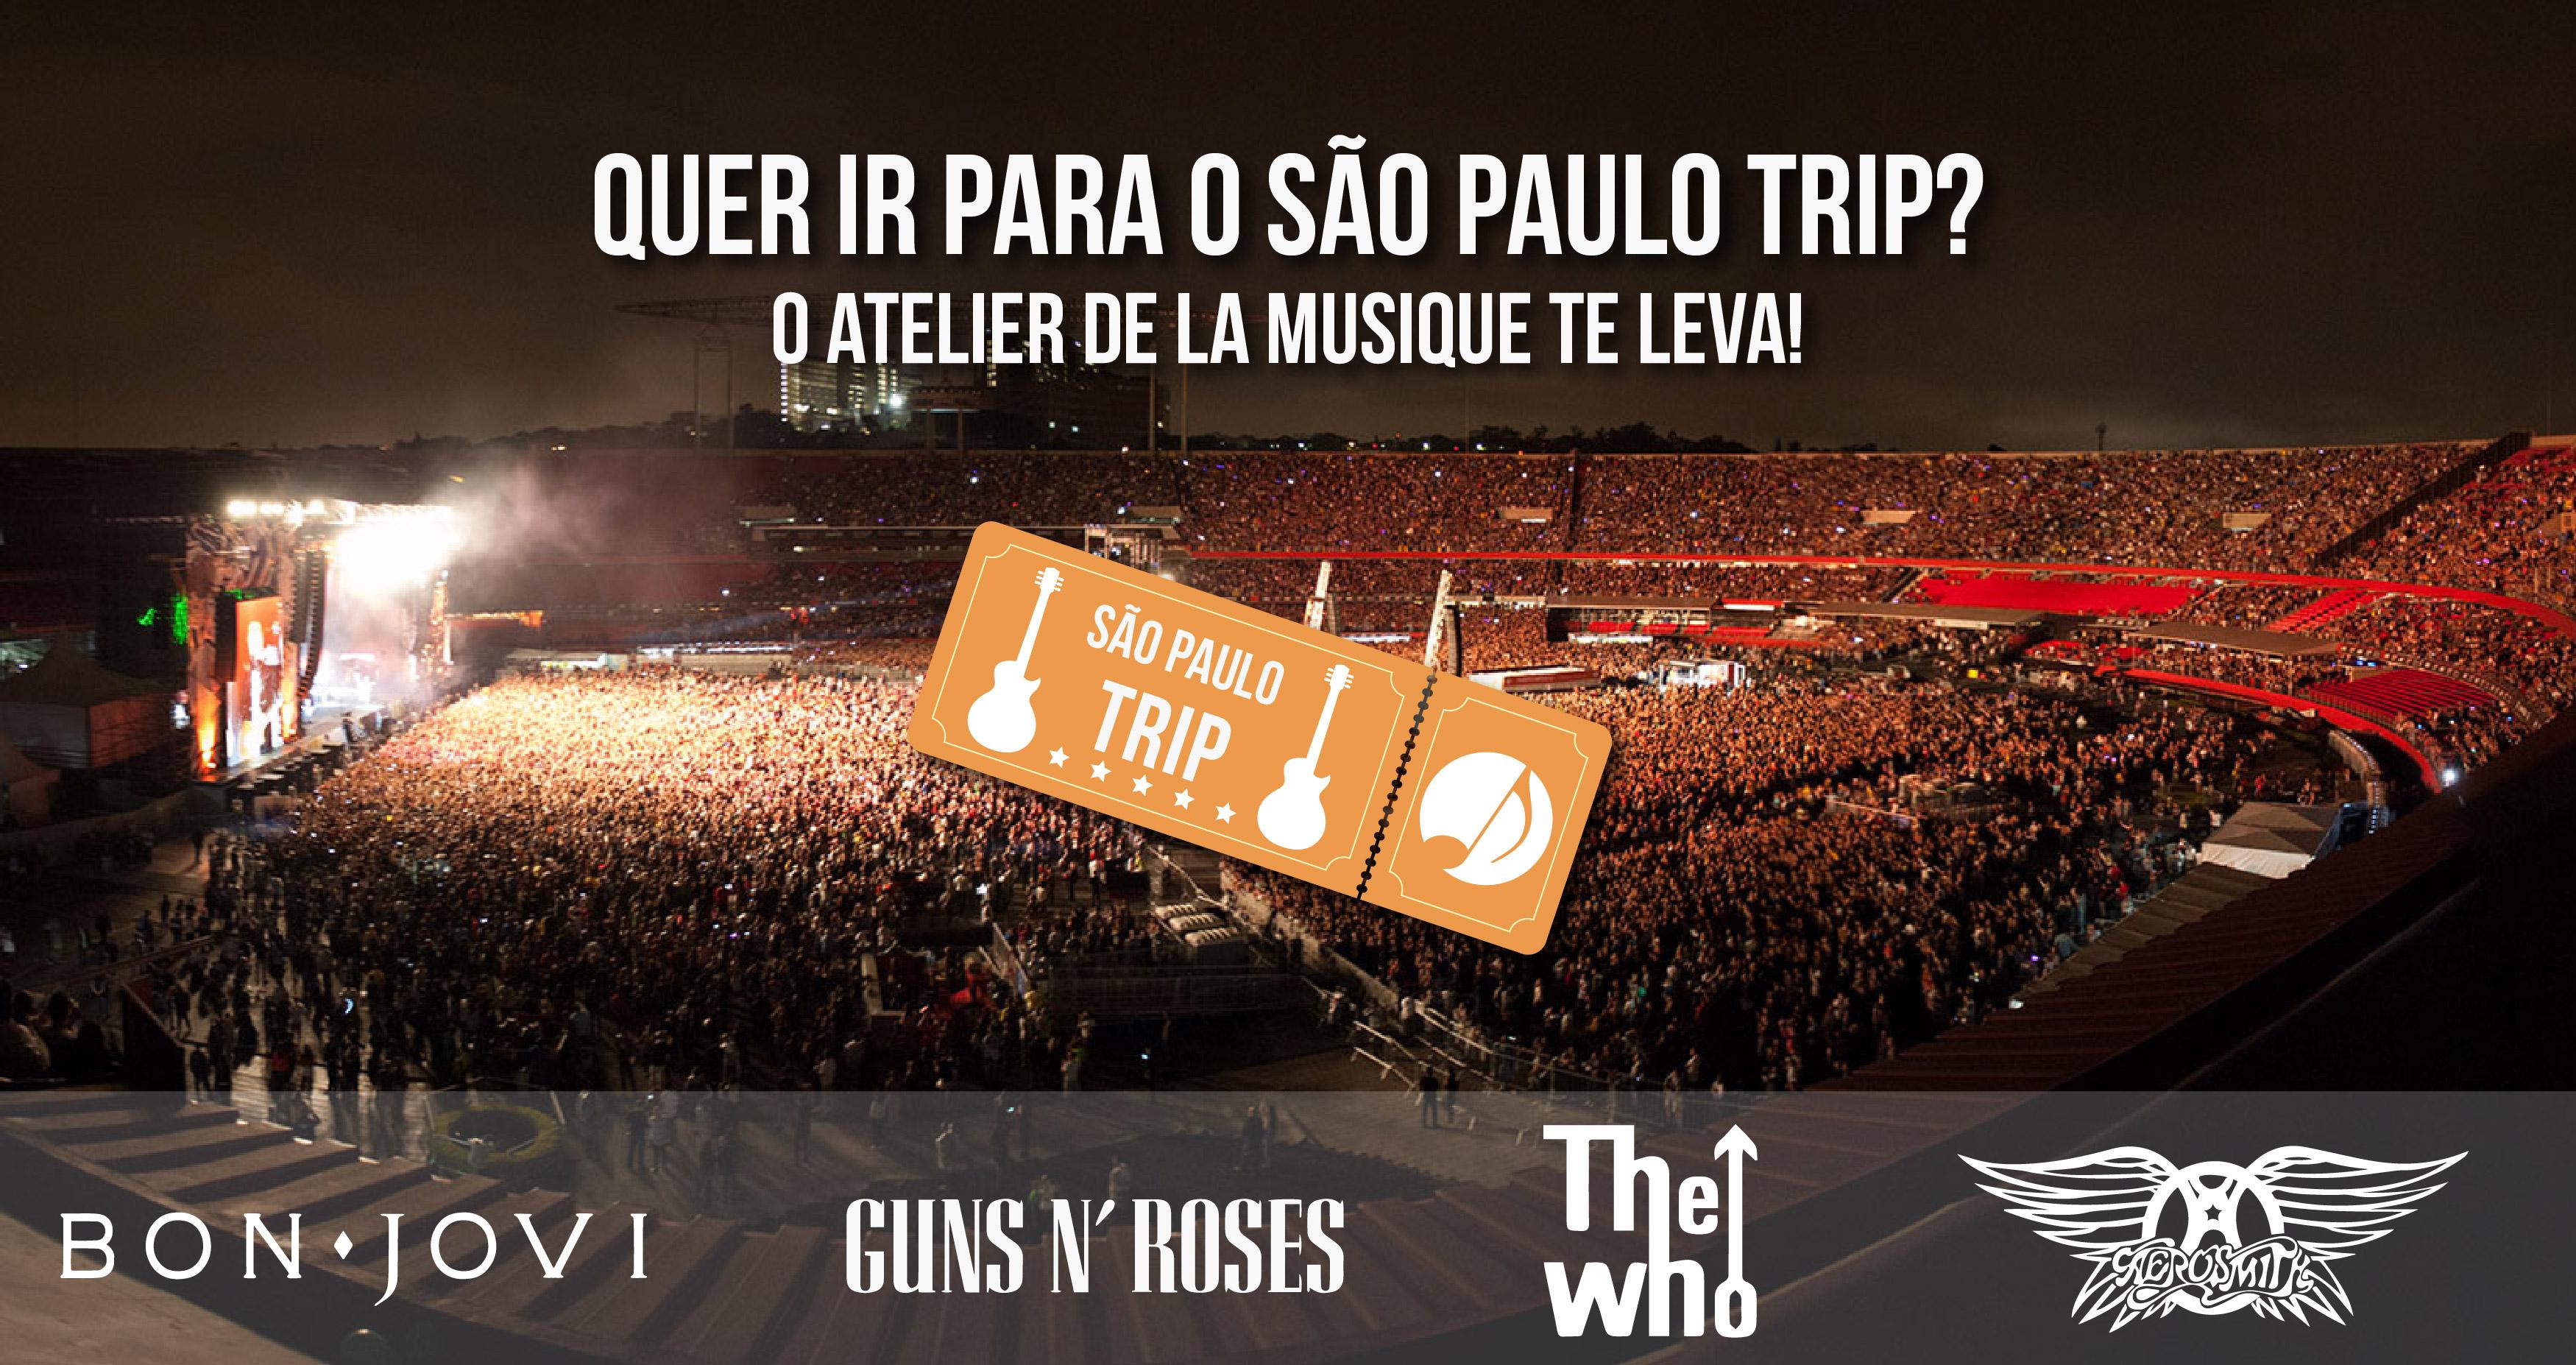 estude musica no atelier de la musique e ganhe 1 ingresso para o São Paulo Trip